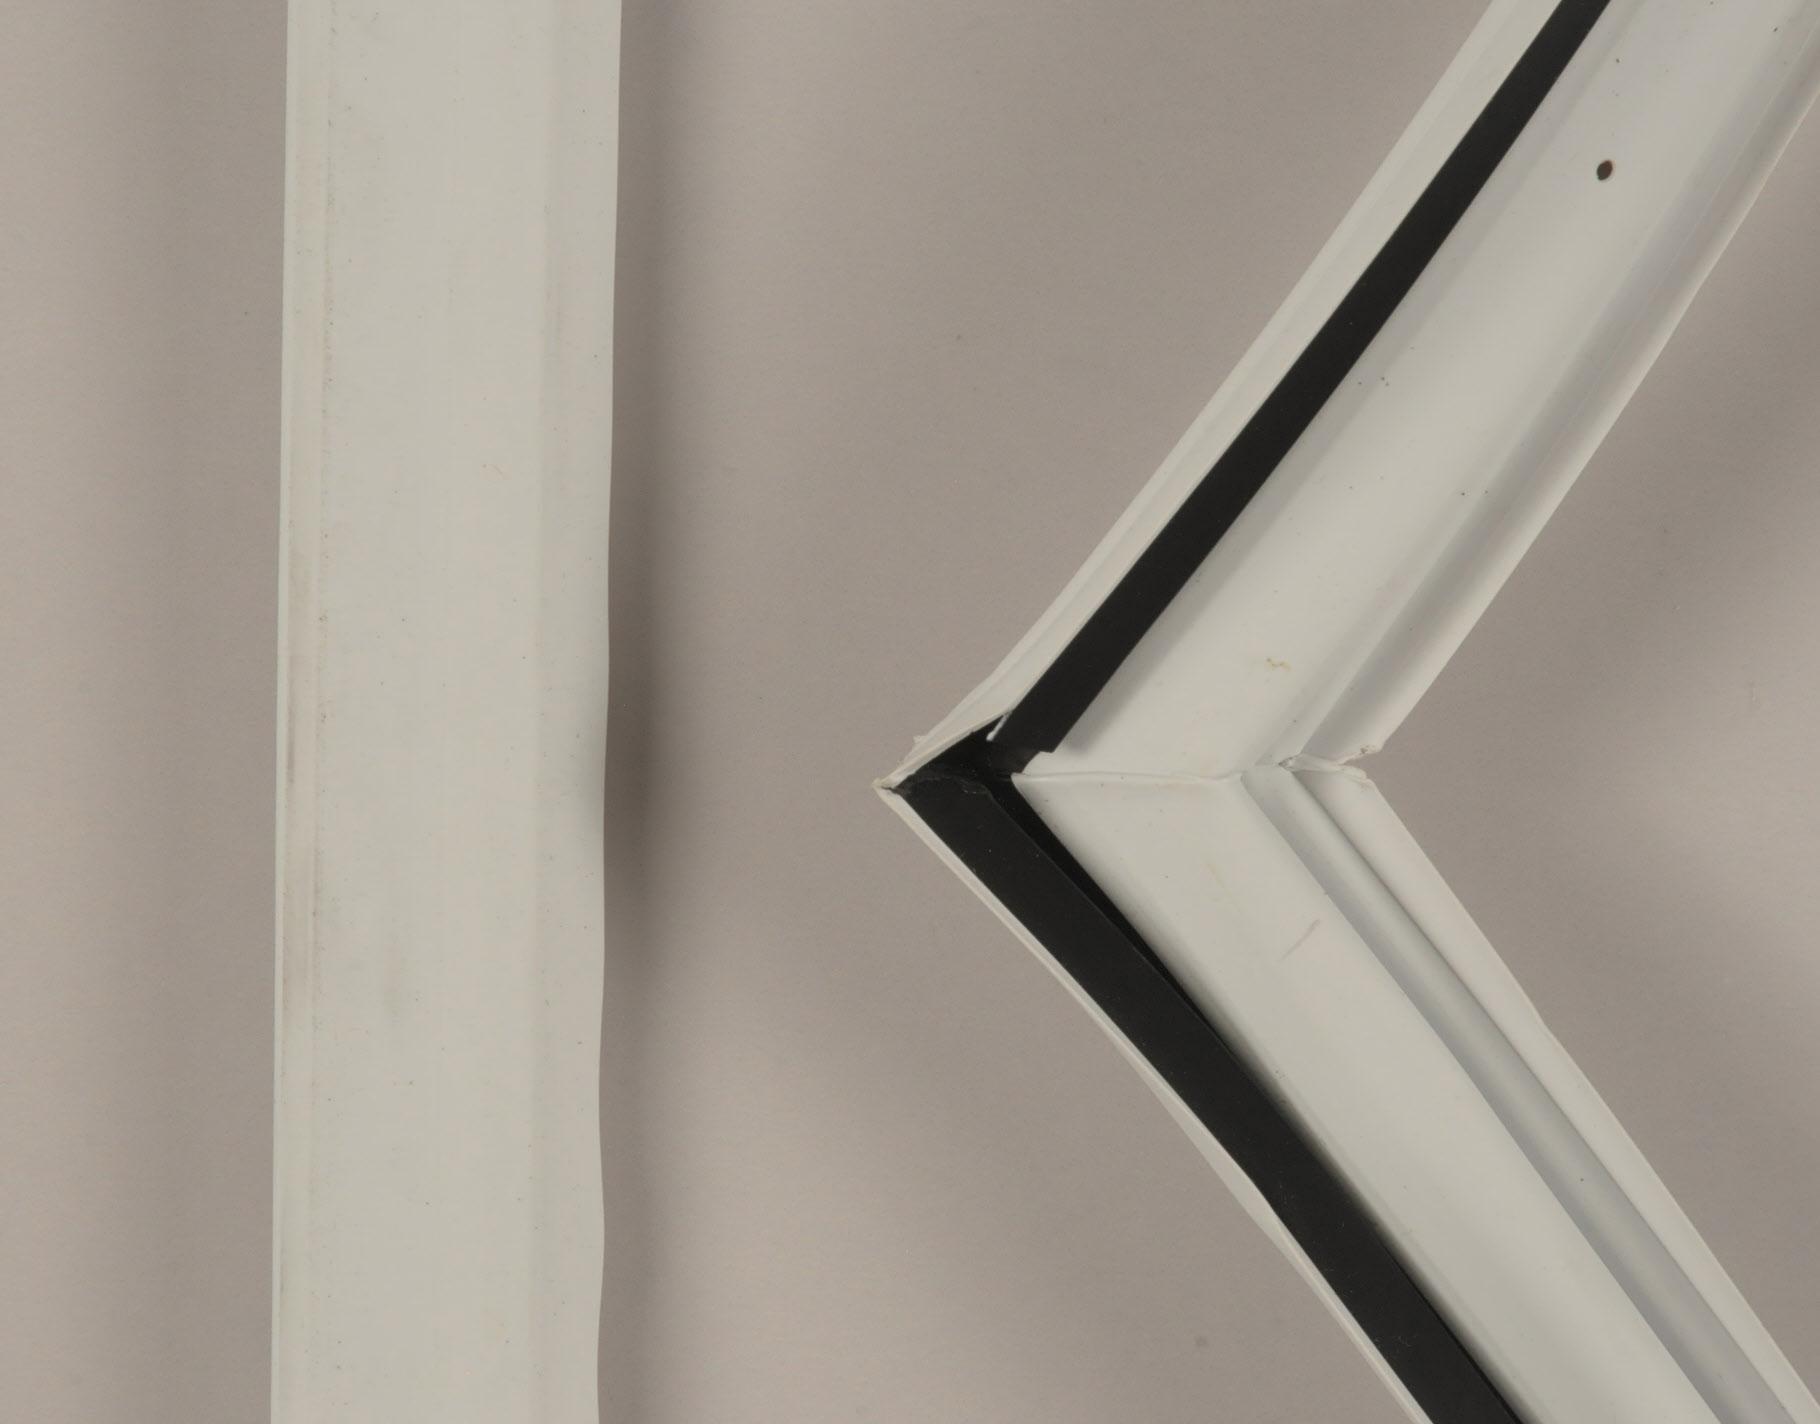 Whirlpool Refrigerator Part # WP2266905 - Door Gasket